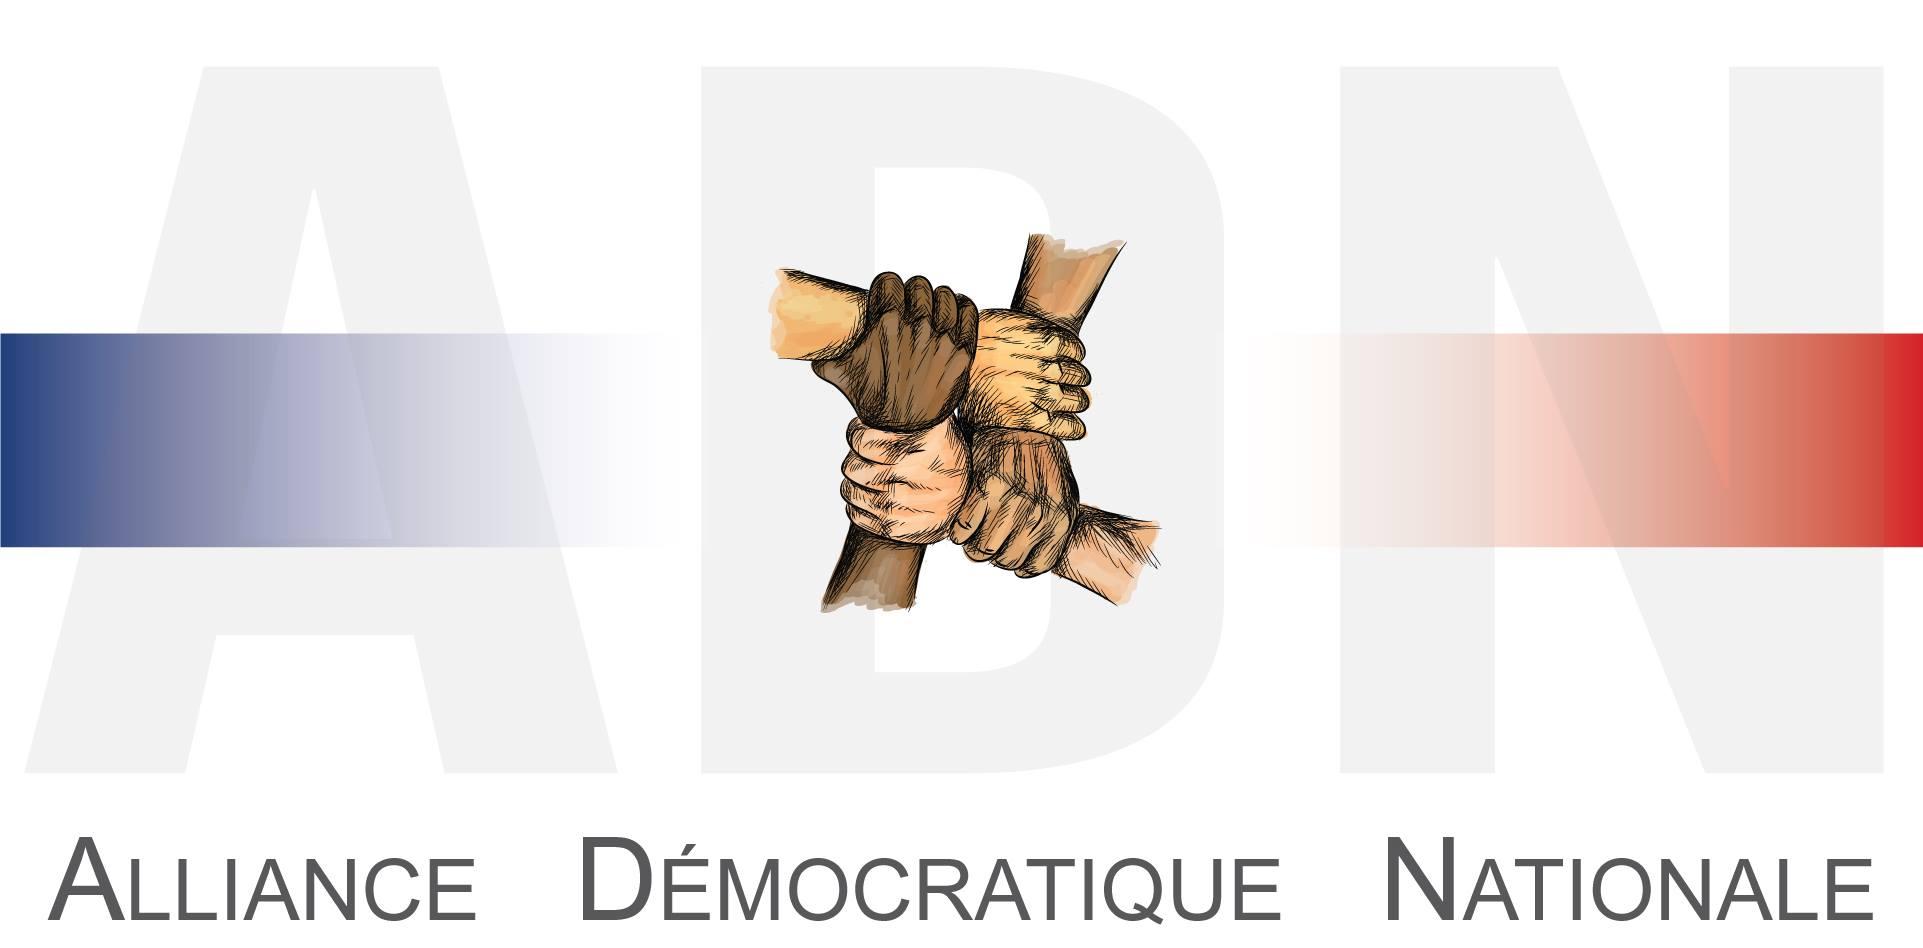 Alliance Démocratique Nationale